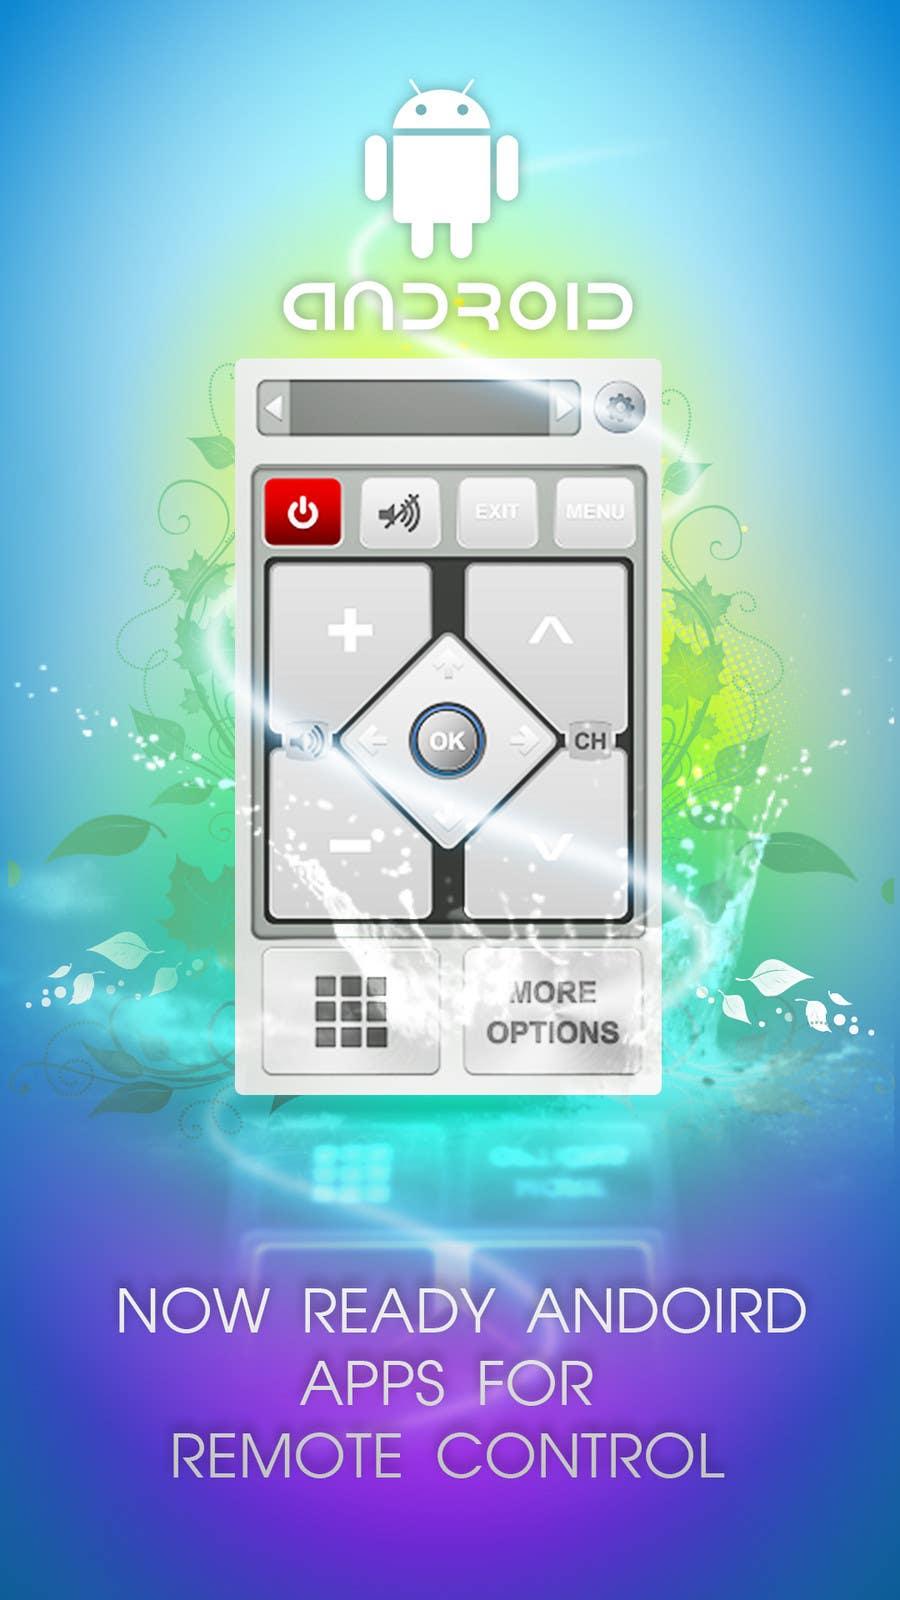 Bài tham dự cuộc thi #                                        101                                      cho                                         Splash Screen Design